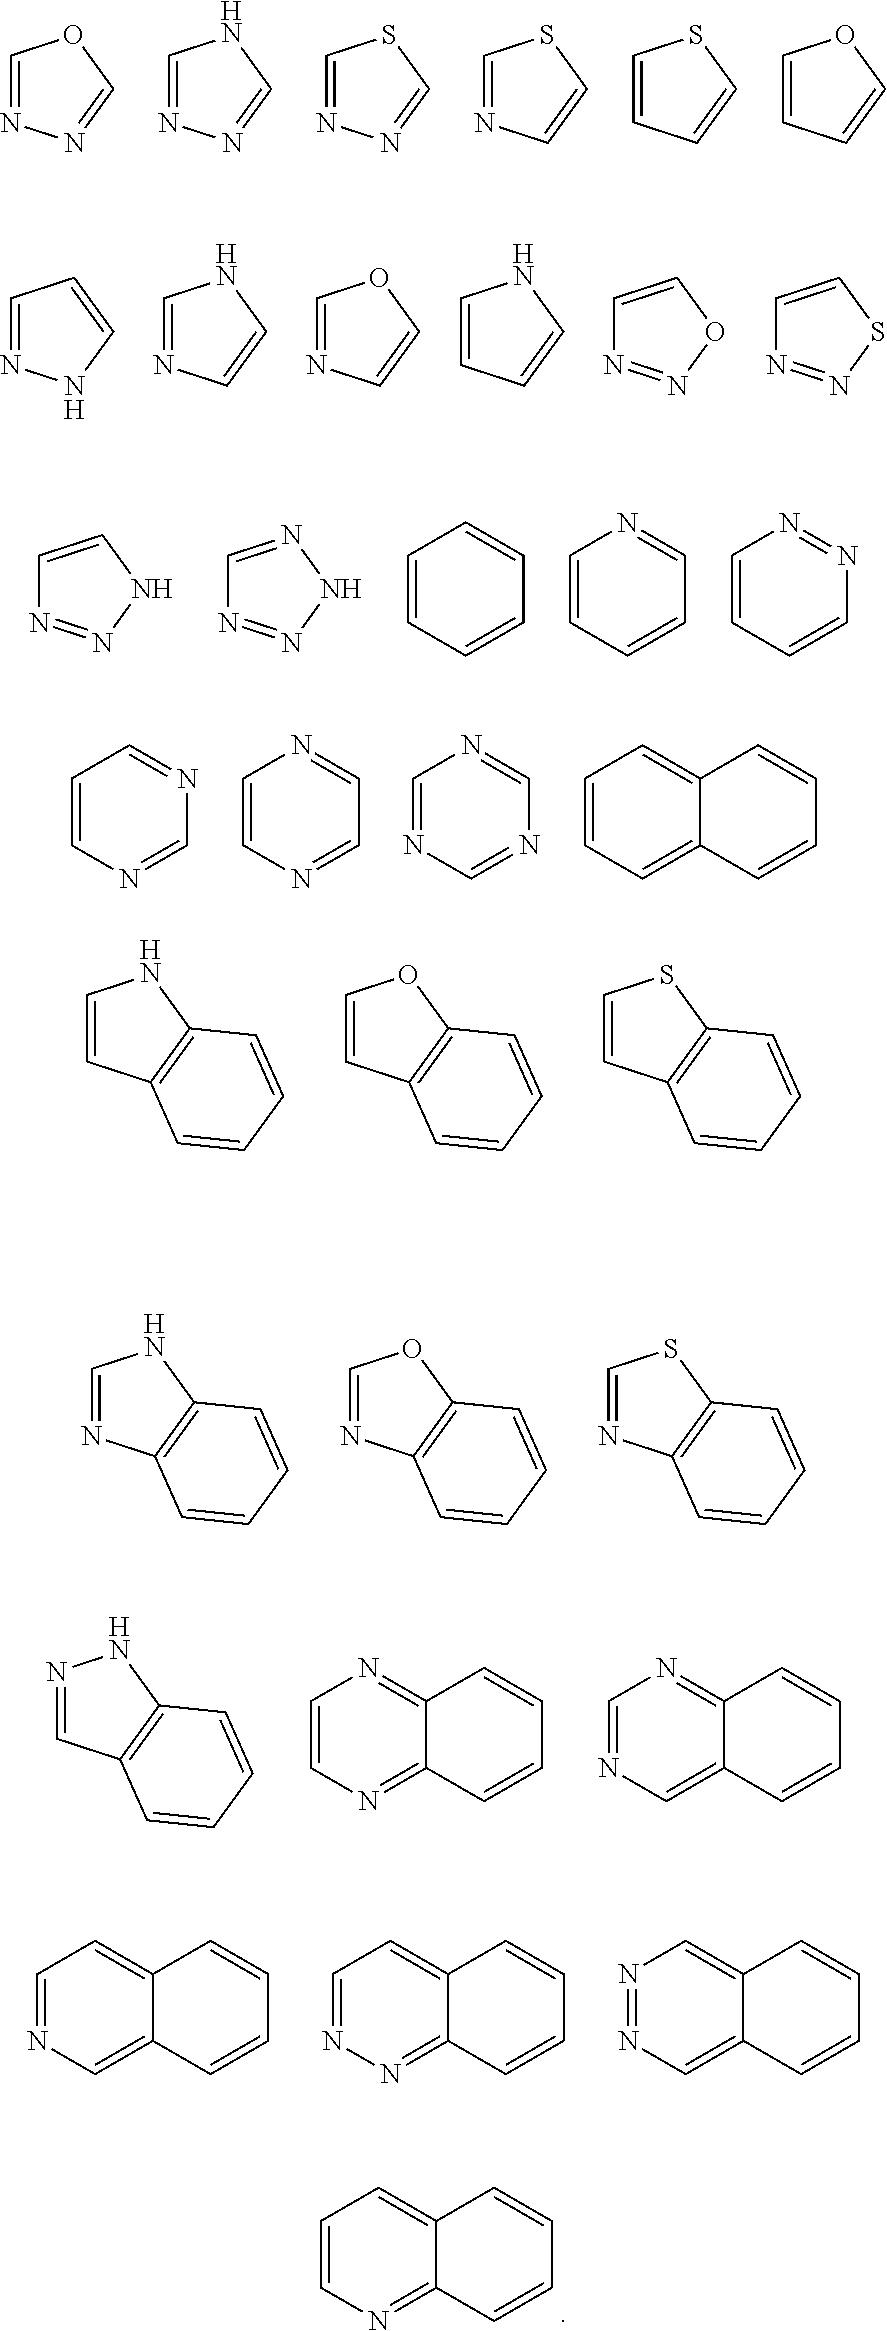 Figure US20180194792A1-20180712-C00071